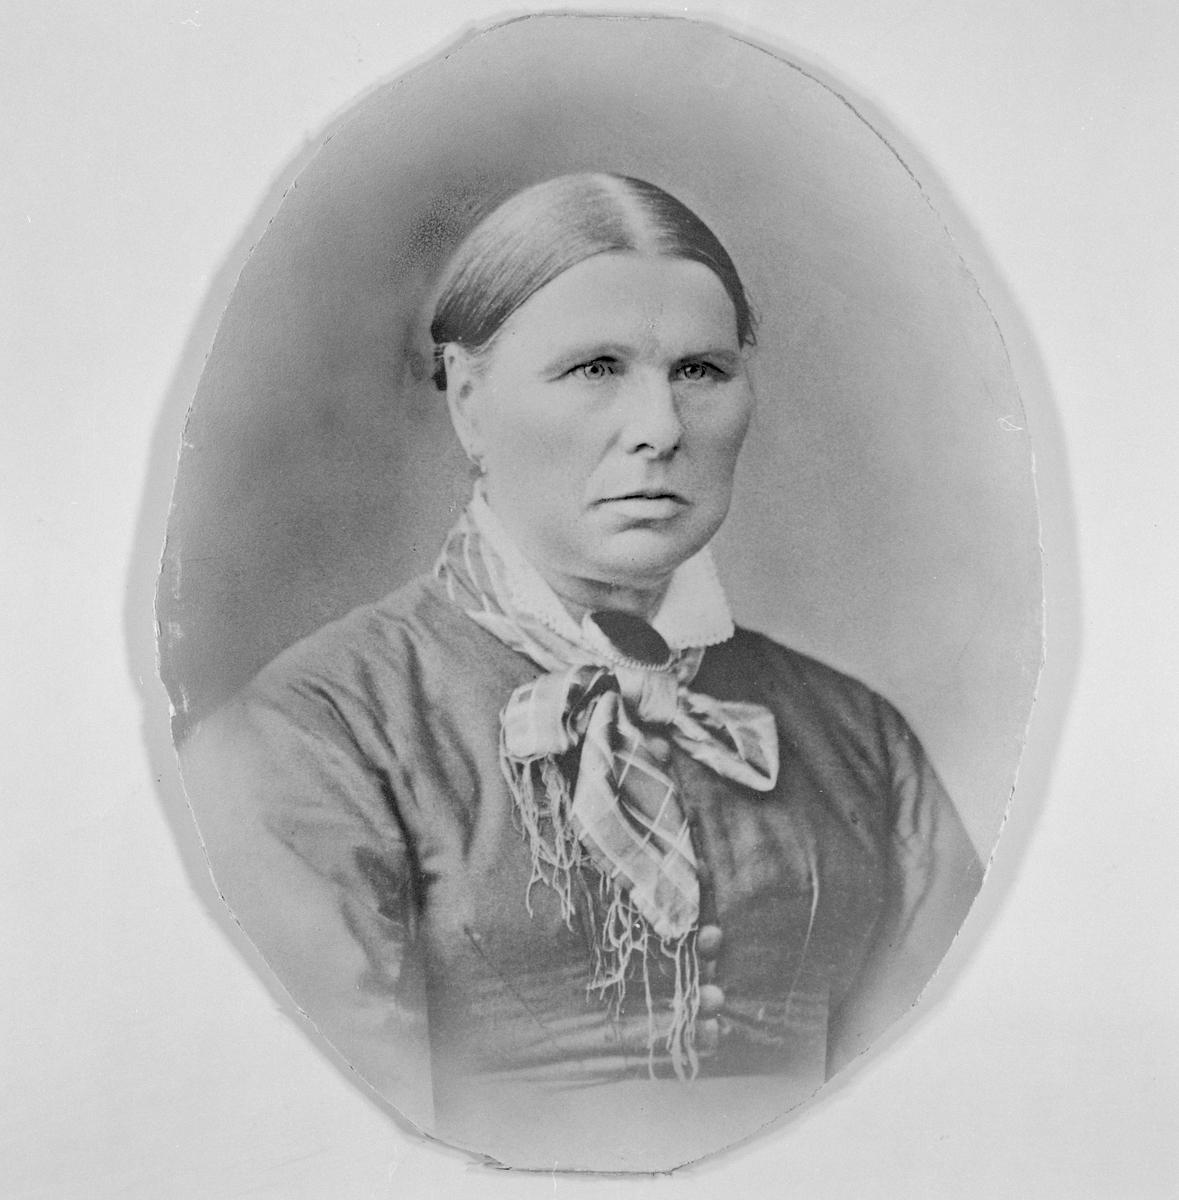 Inge Marie Hansdatter (23.1.1833 - 6.10.1906)